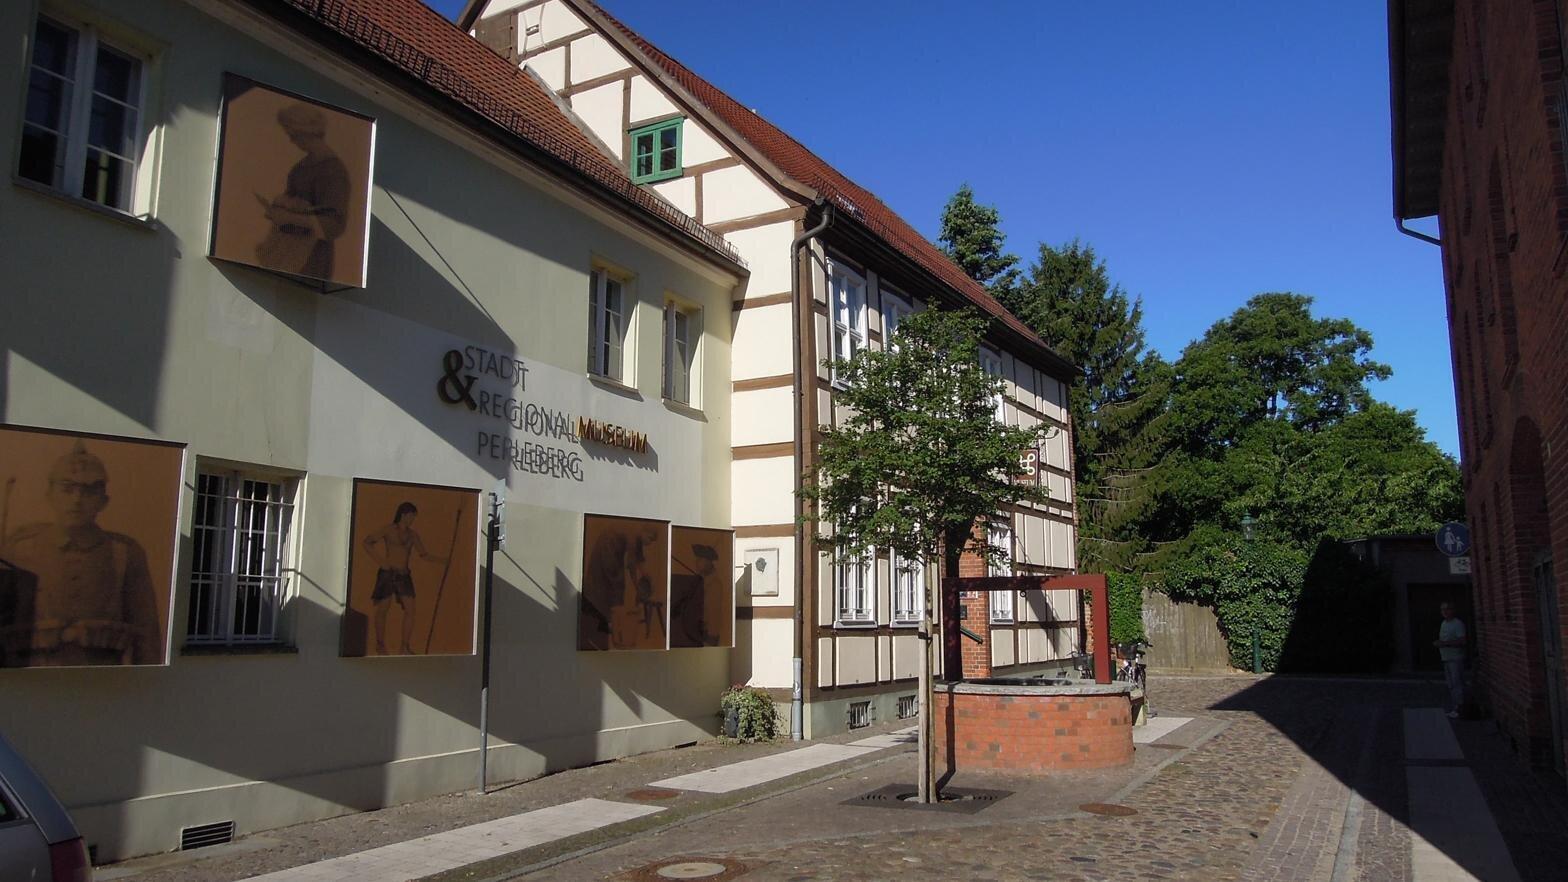 Außenansicht des Stadt- und Regionalmuseums in Perleberg | Foto: Stadt Perleberg